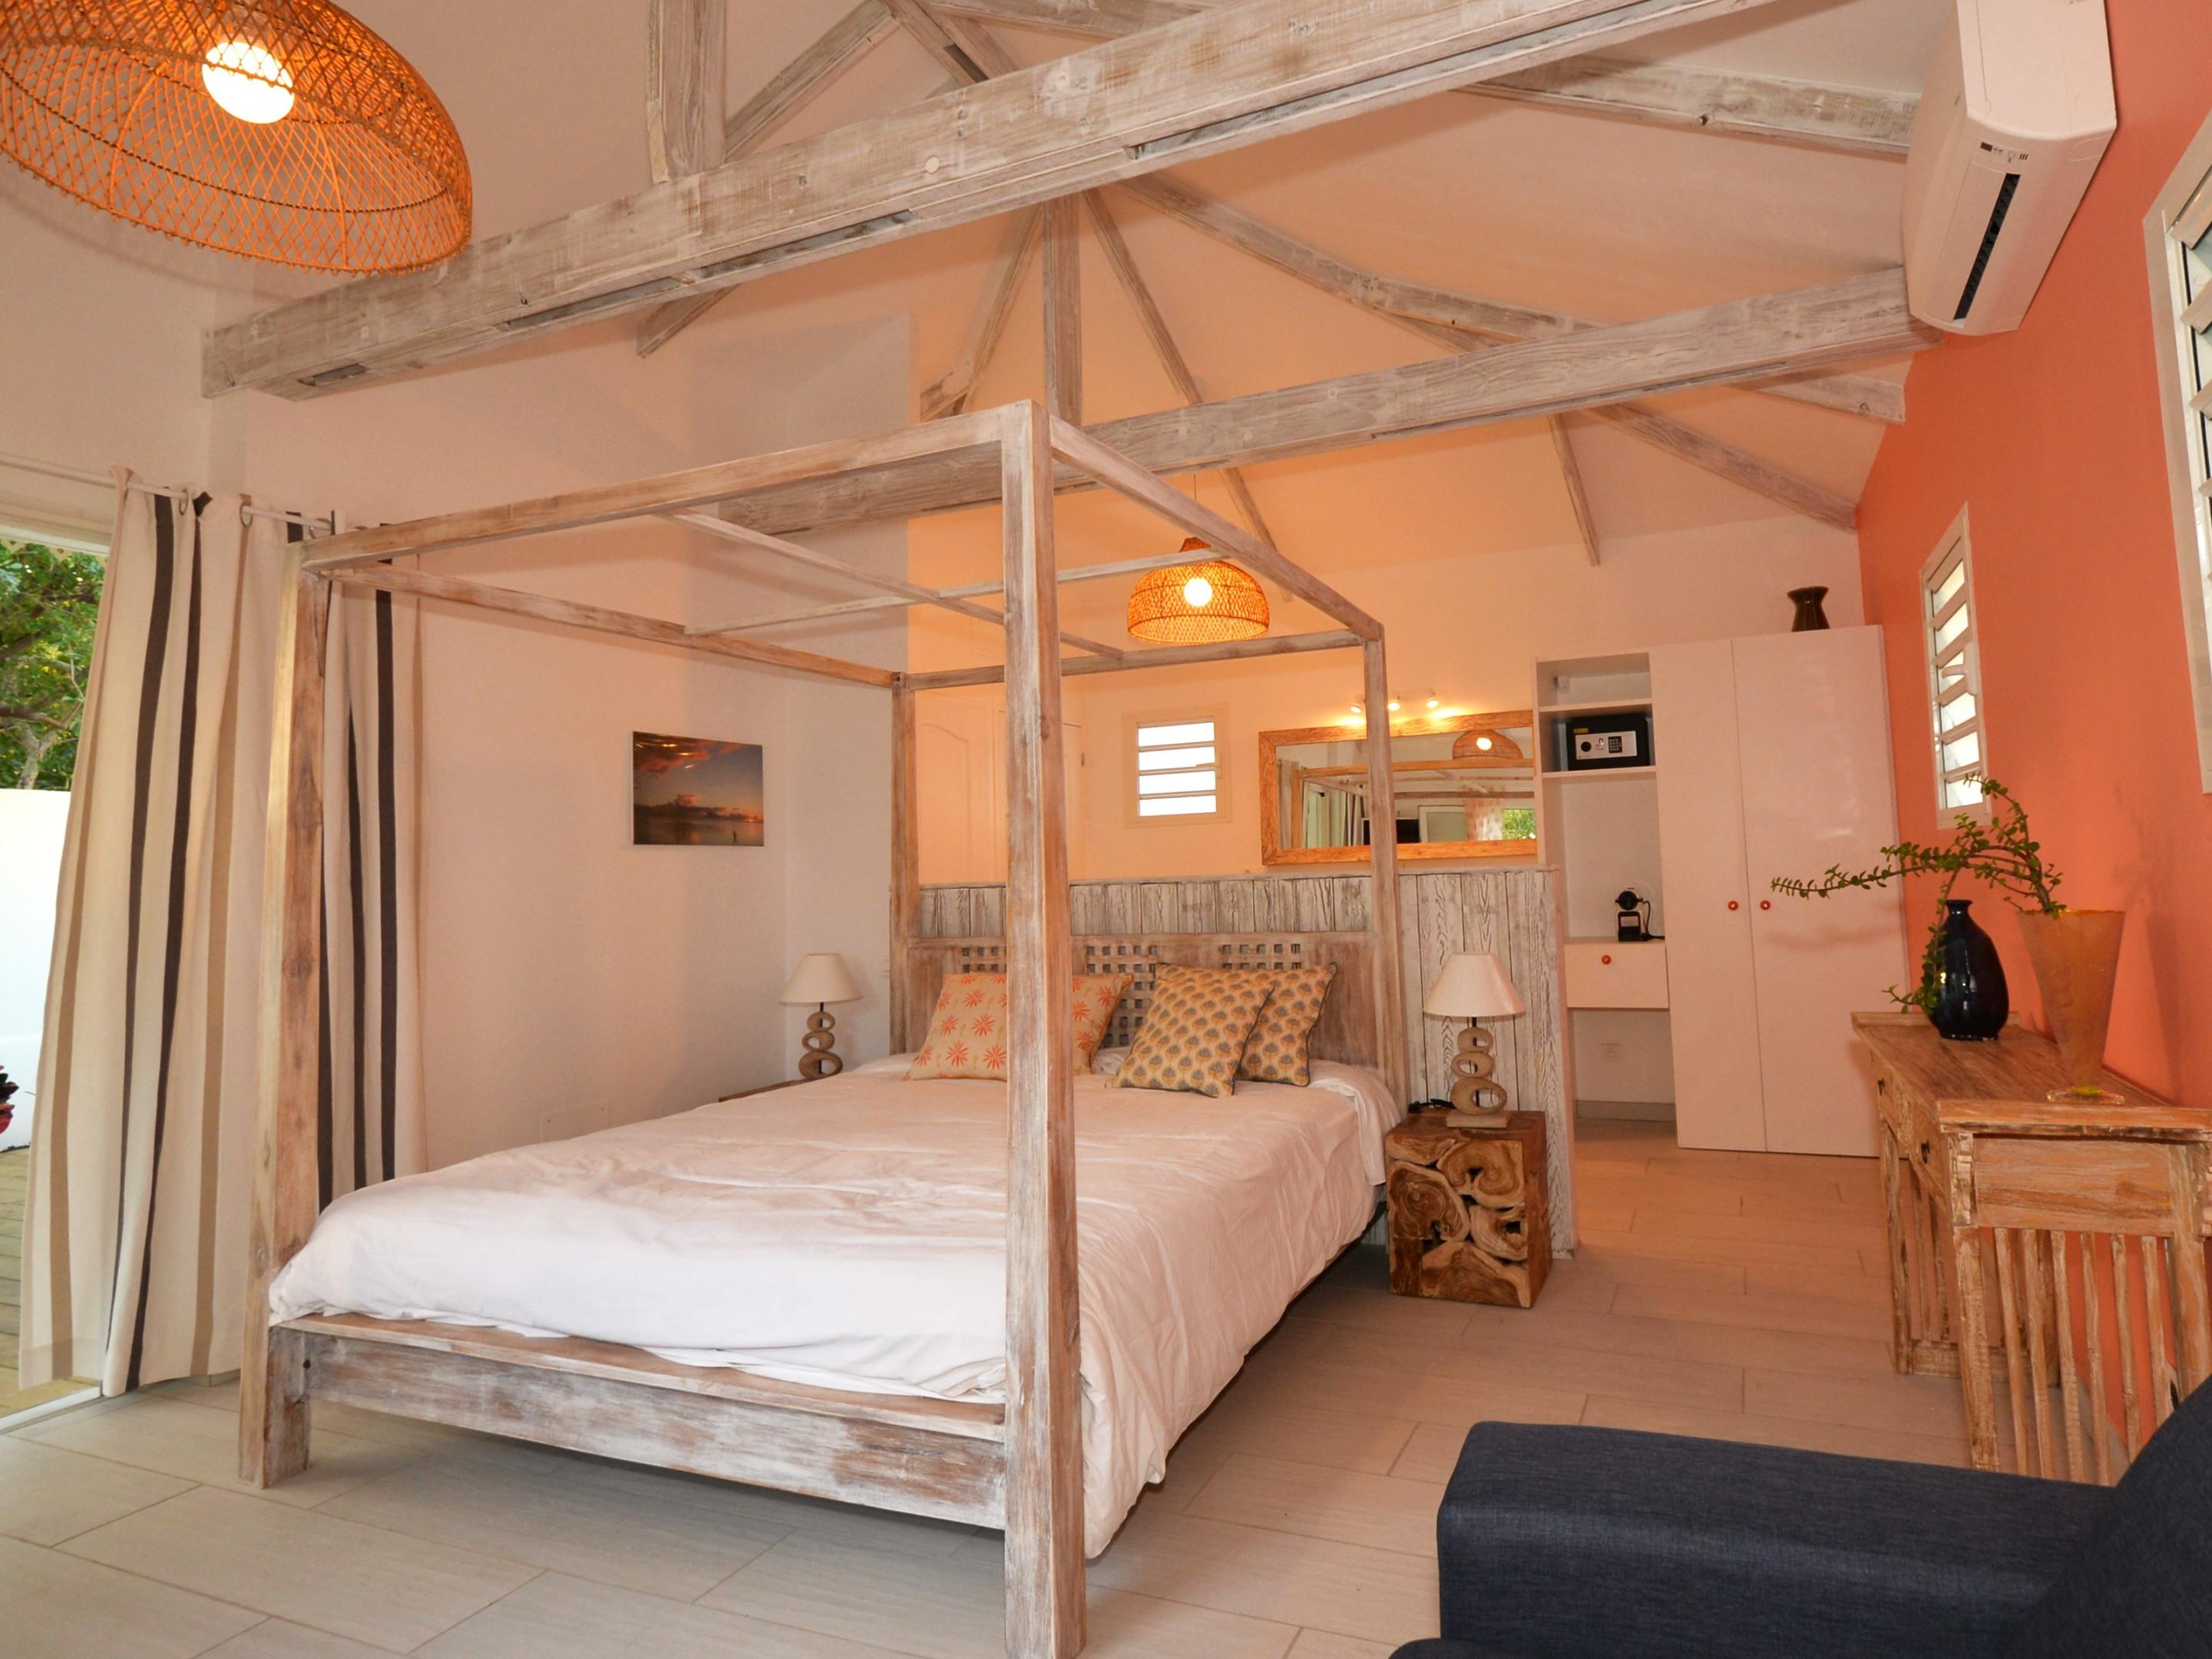 BAIE ROSE-Bungalow-Vue sur Piscine-Salle de bain privée séparée-Lune de Miel